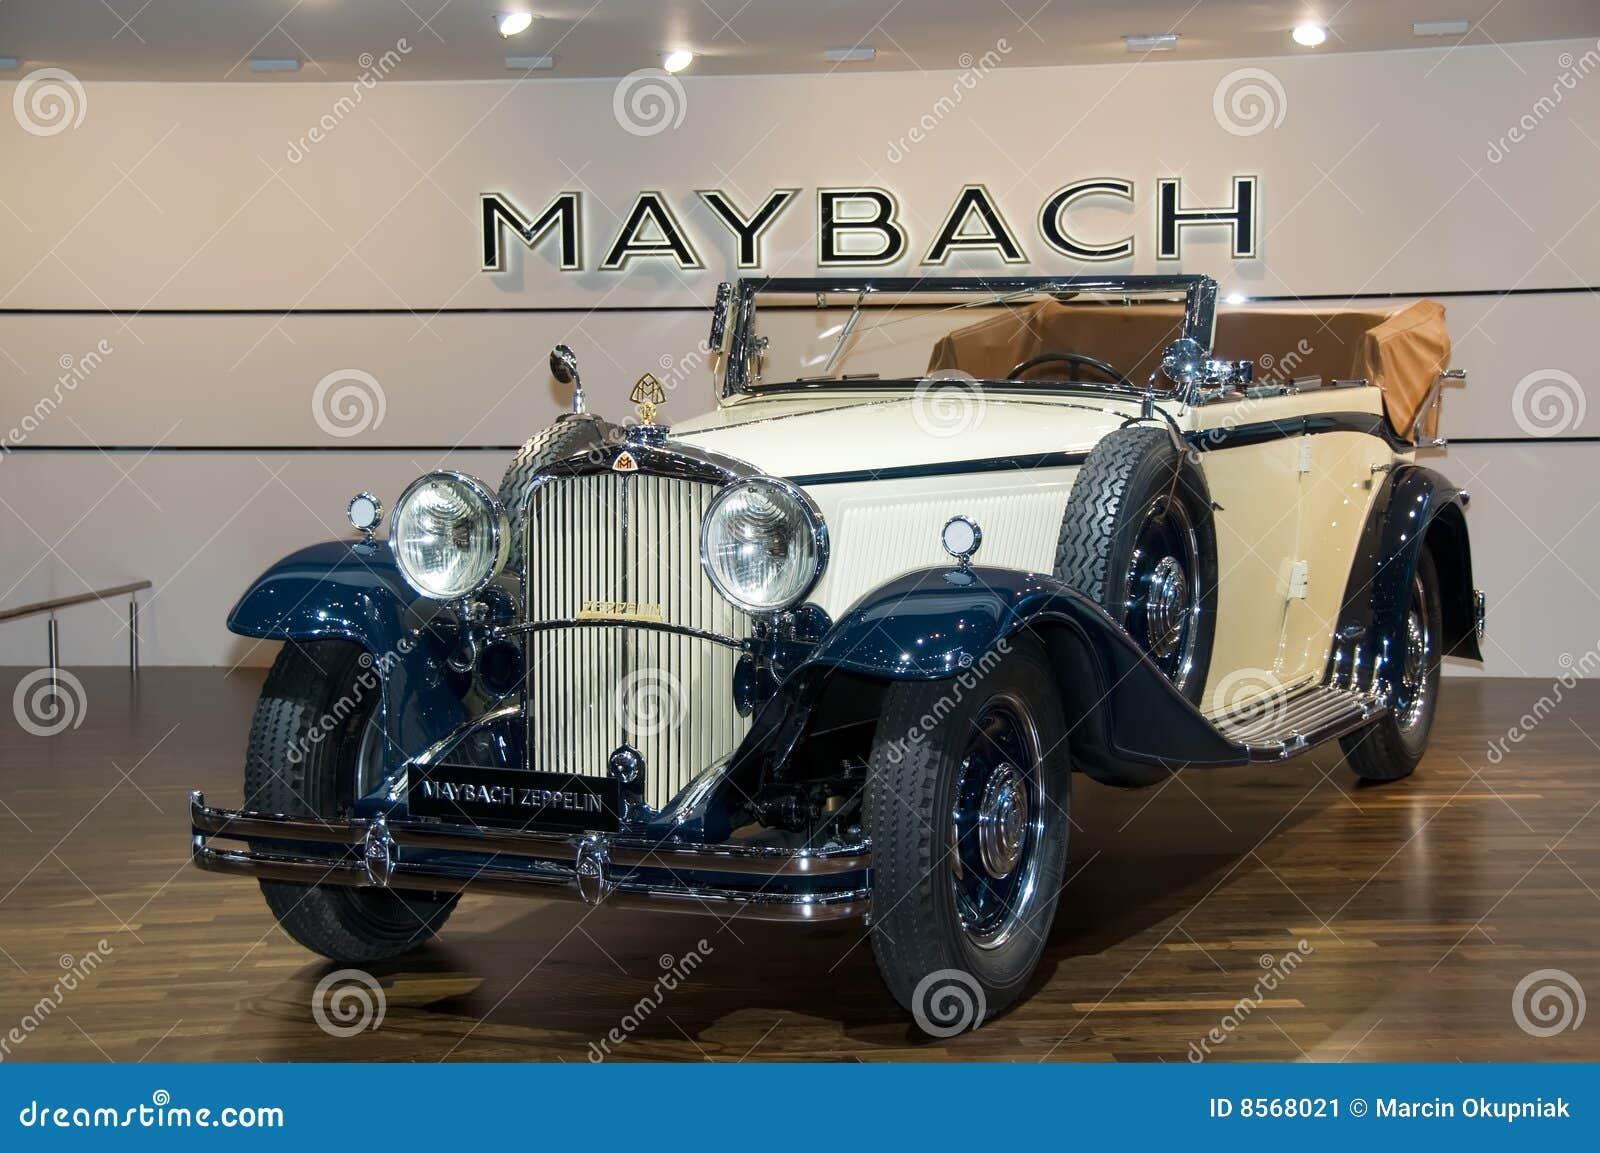 maybach zeppelin redaktionelles foto. bild von switzerland - 8568021